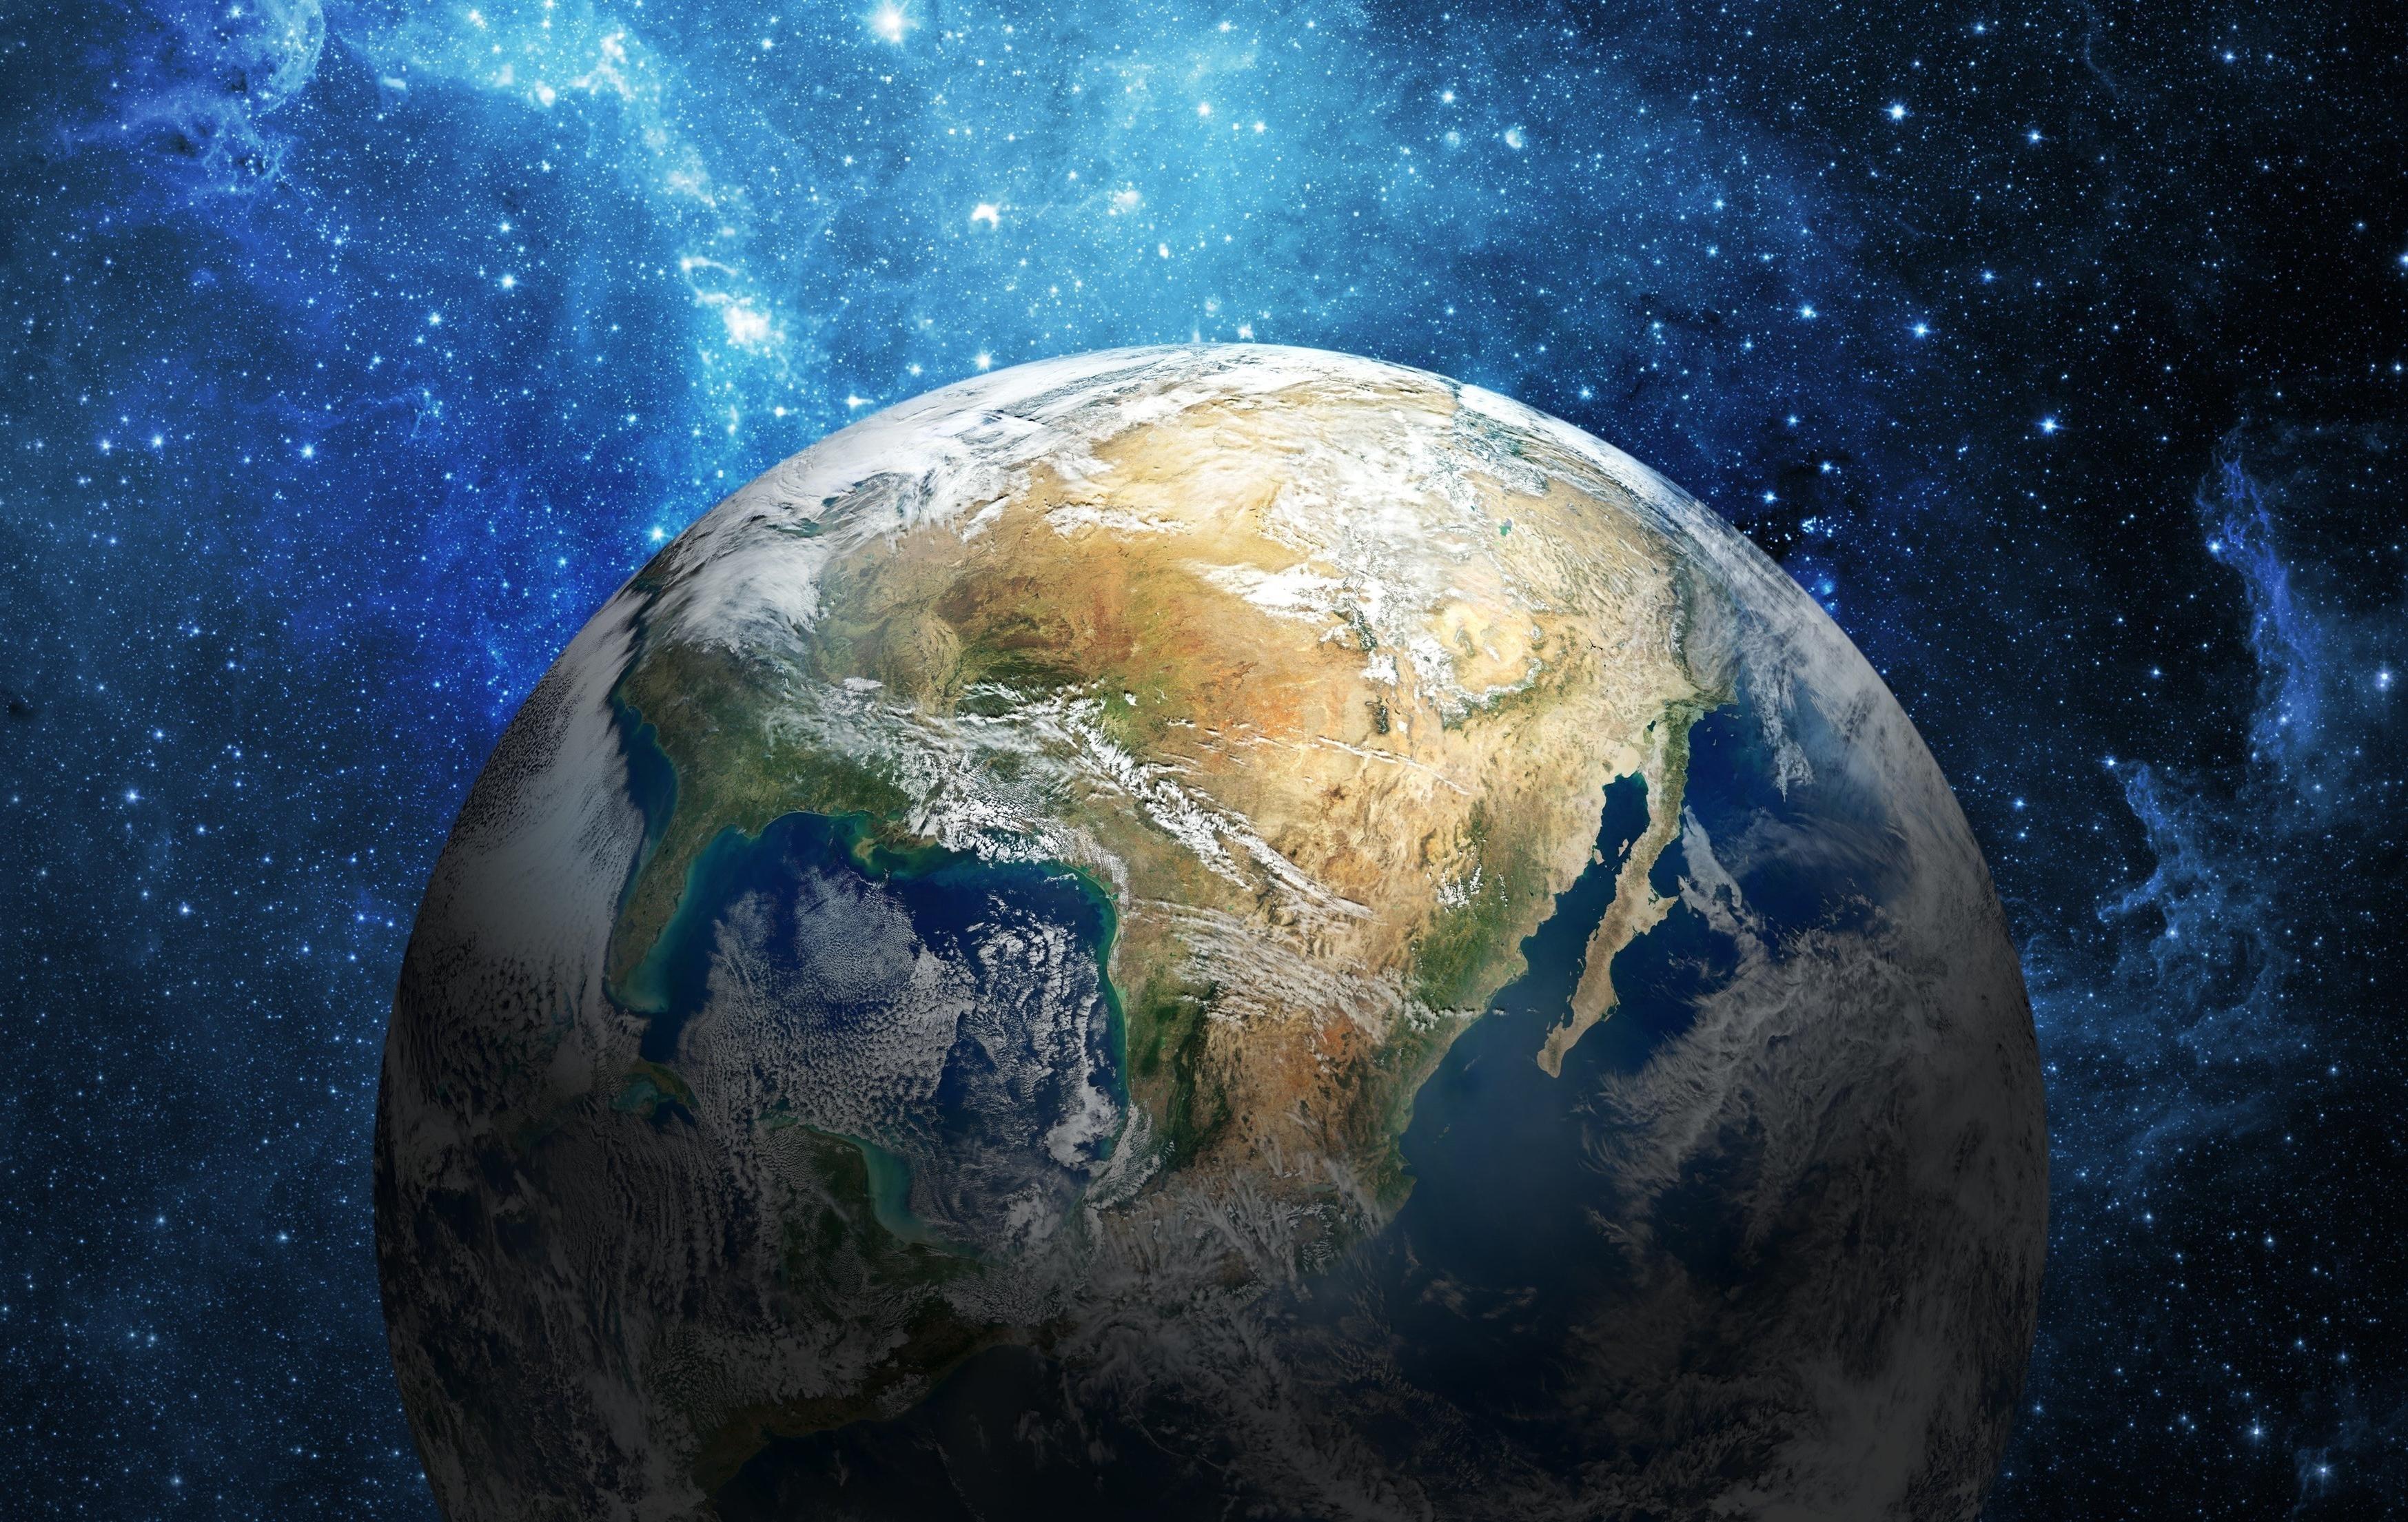 фото картинки про планету землю сделал мне предложение